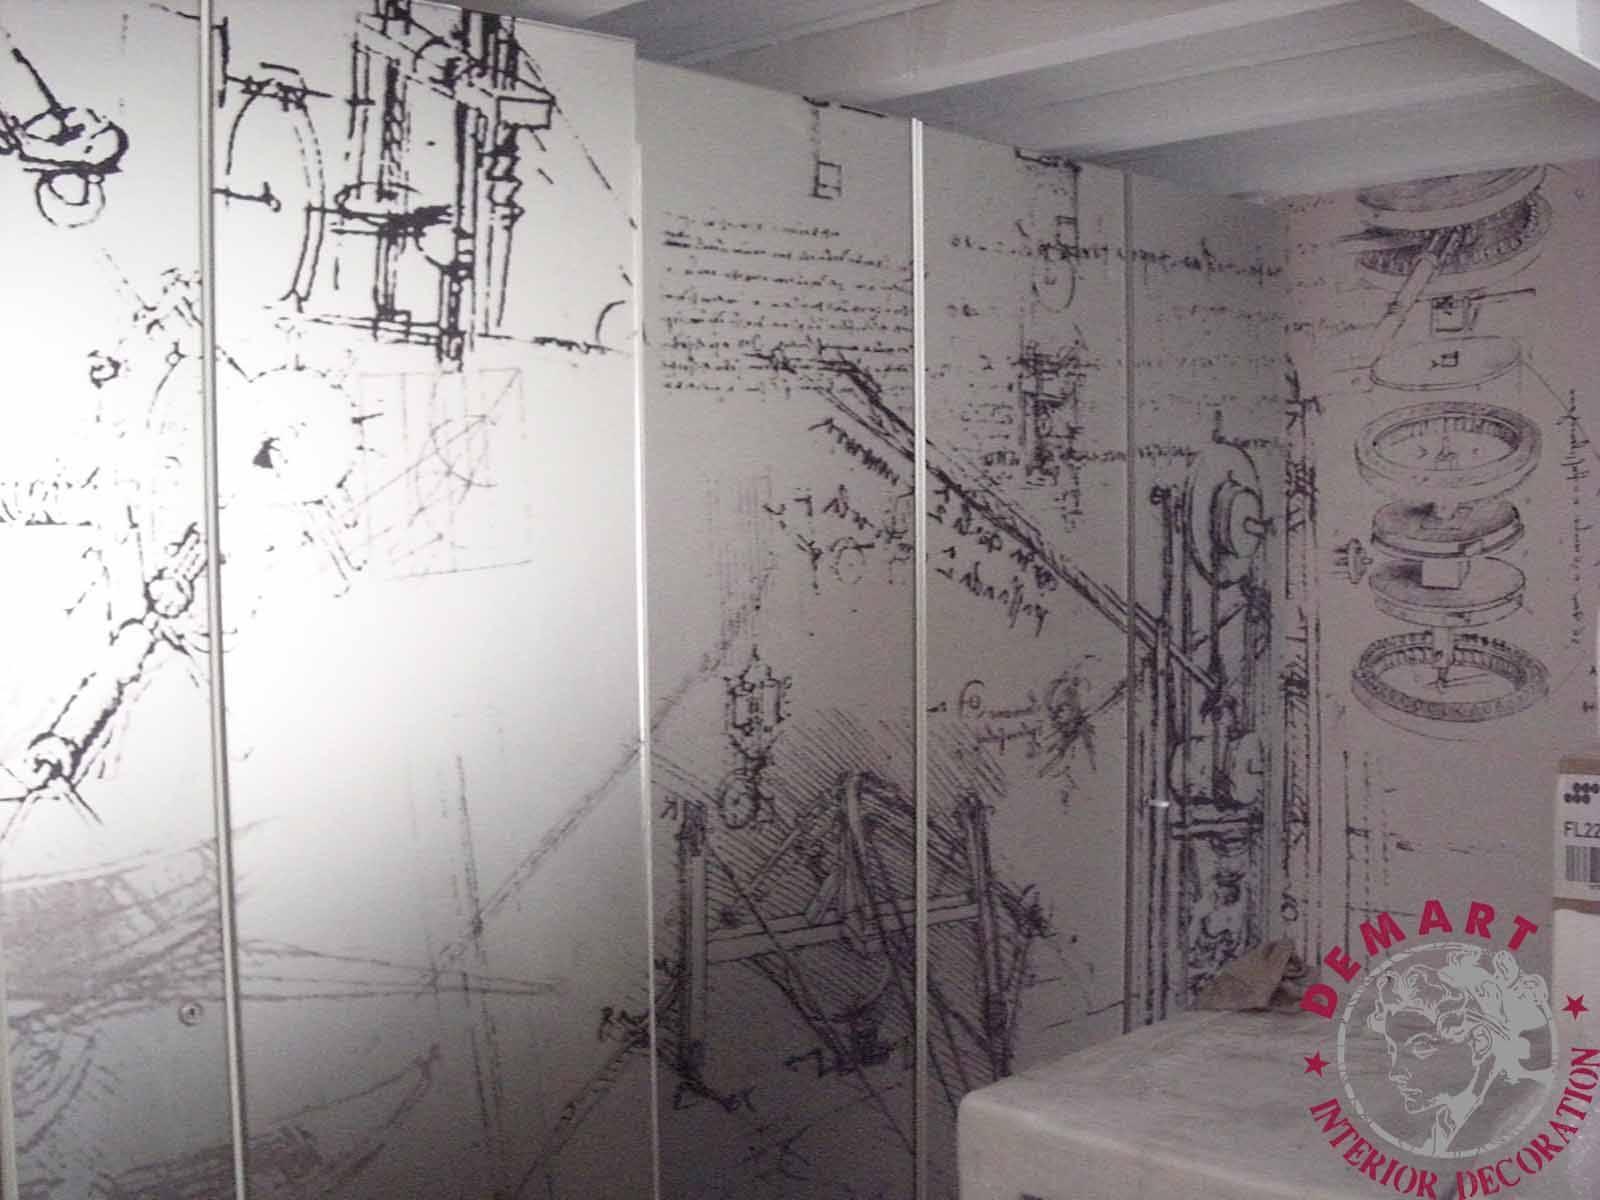 decorazione-armadio-pellicola-castrignano-cambio-casa-cambio-vita